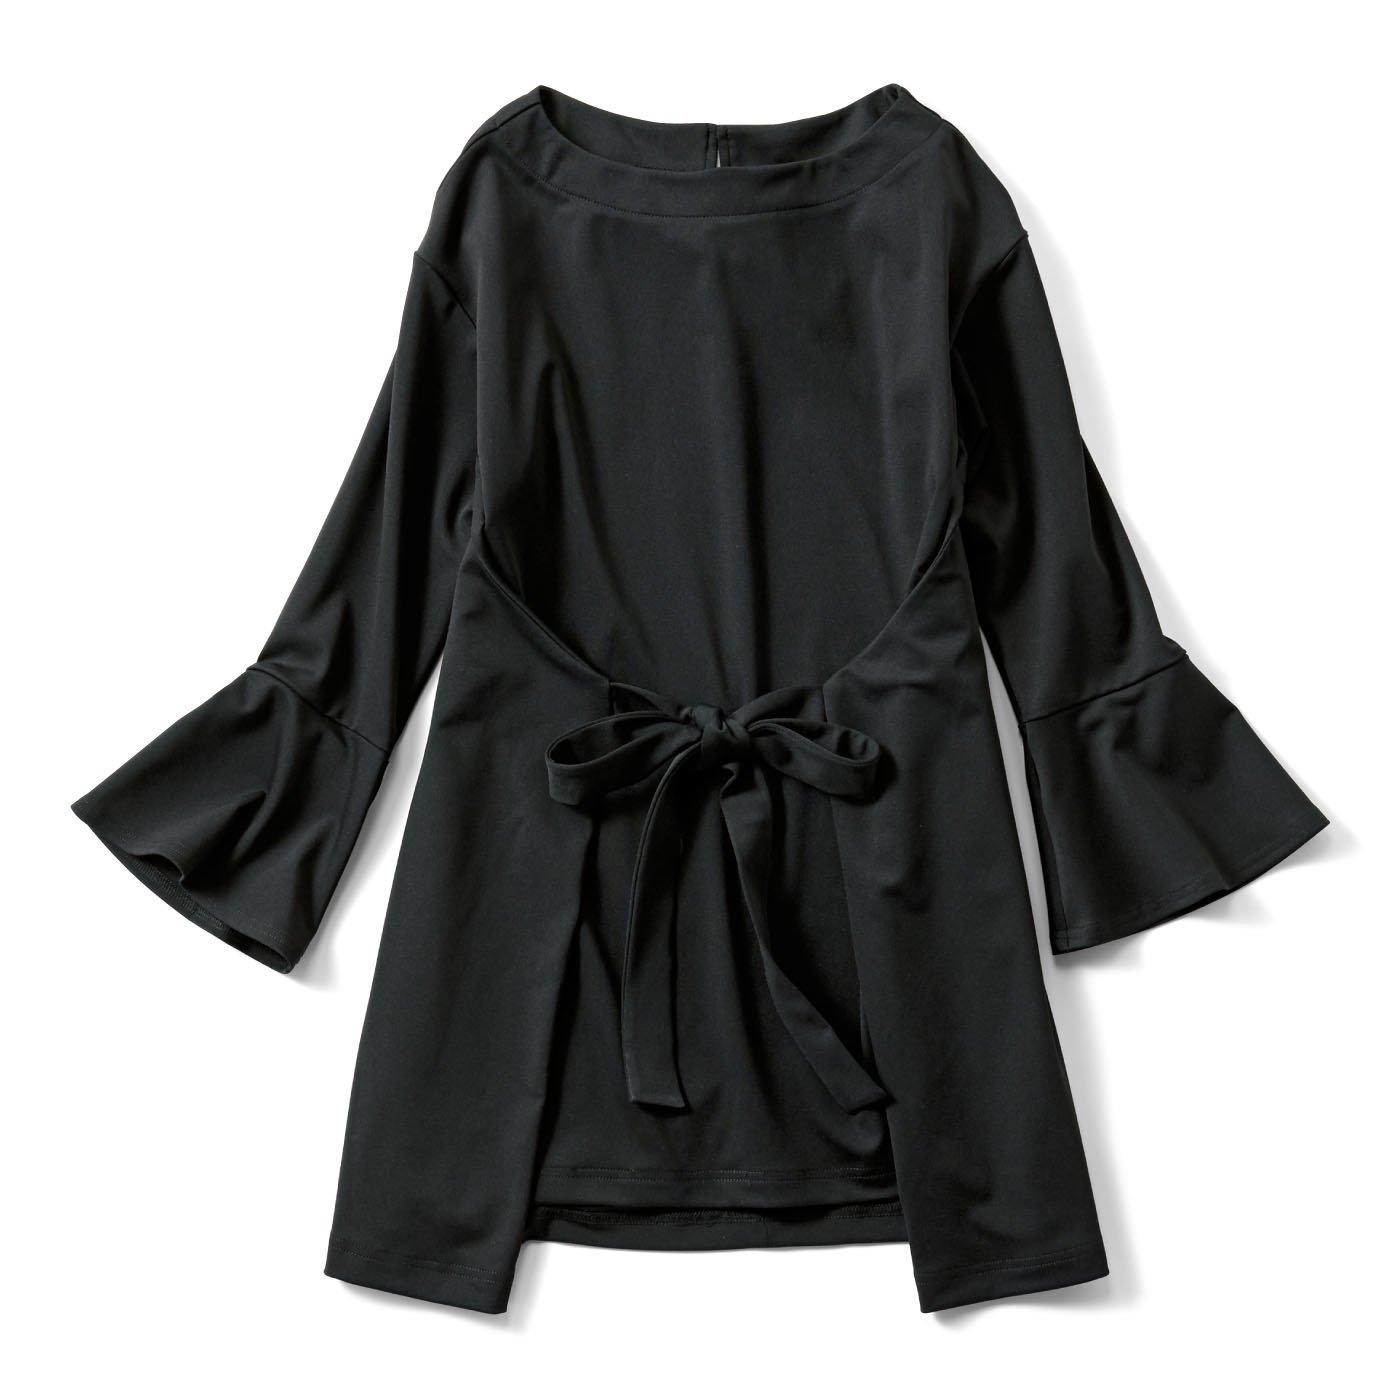 IEDIT ウエストリボンで表情が変わる Tシャツ心地な 華やかカットソーロングトップス〈ブラック〉